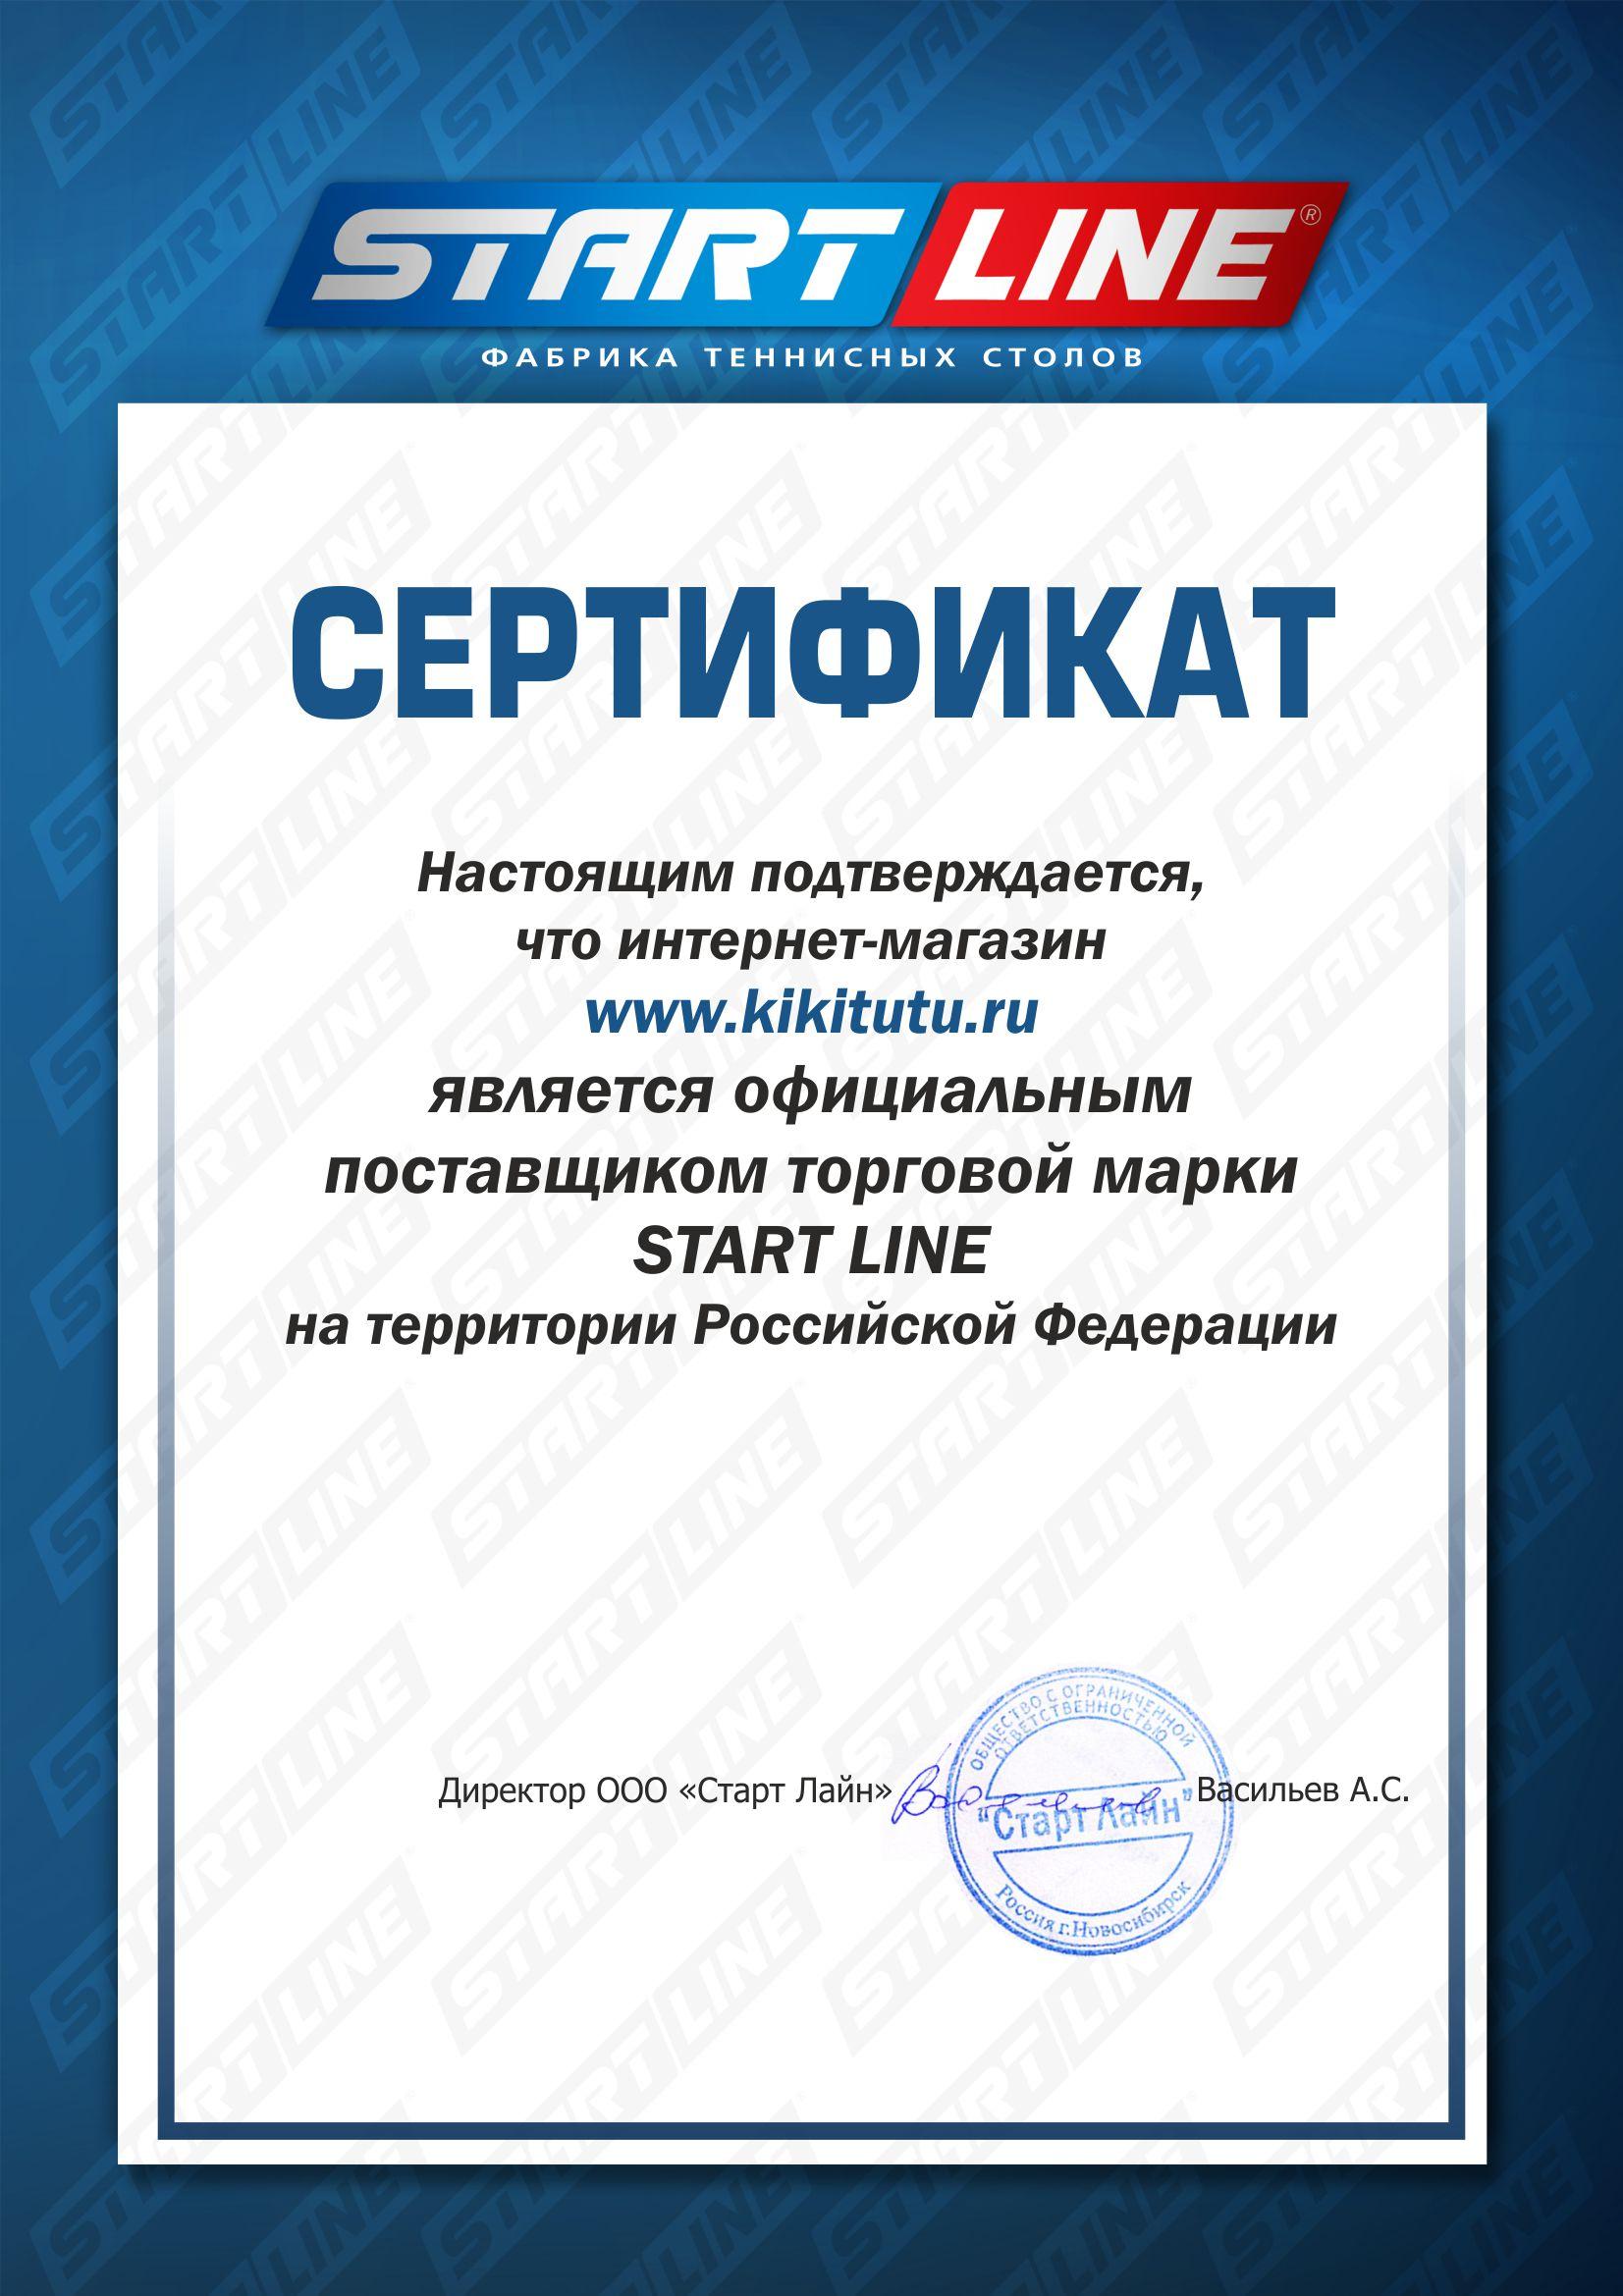 Официальный дистрибьютор Start Line